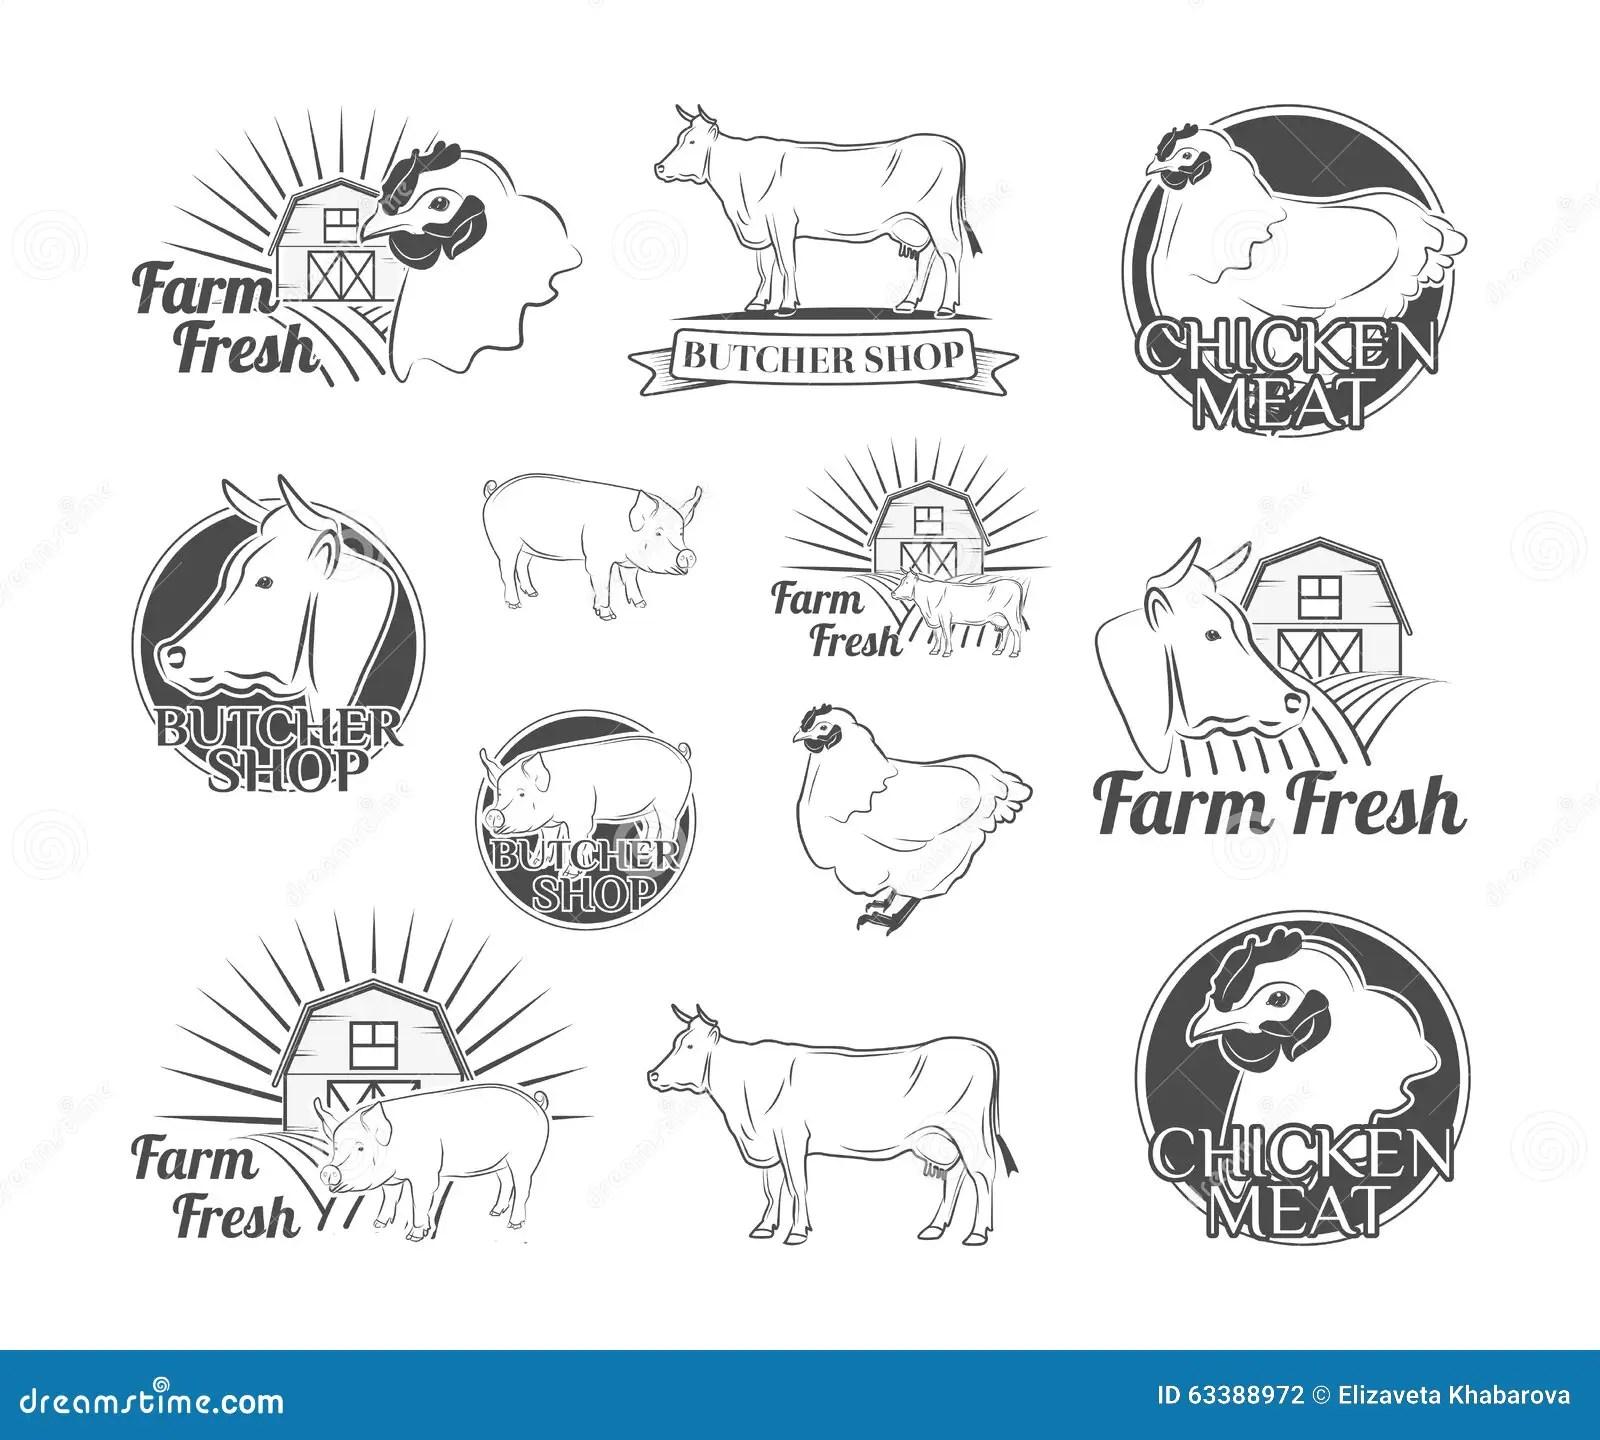 Pork Shank Vector Illustration